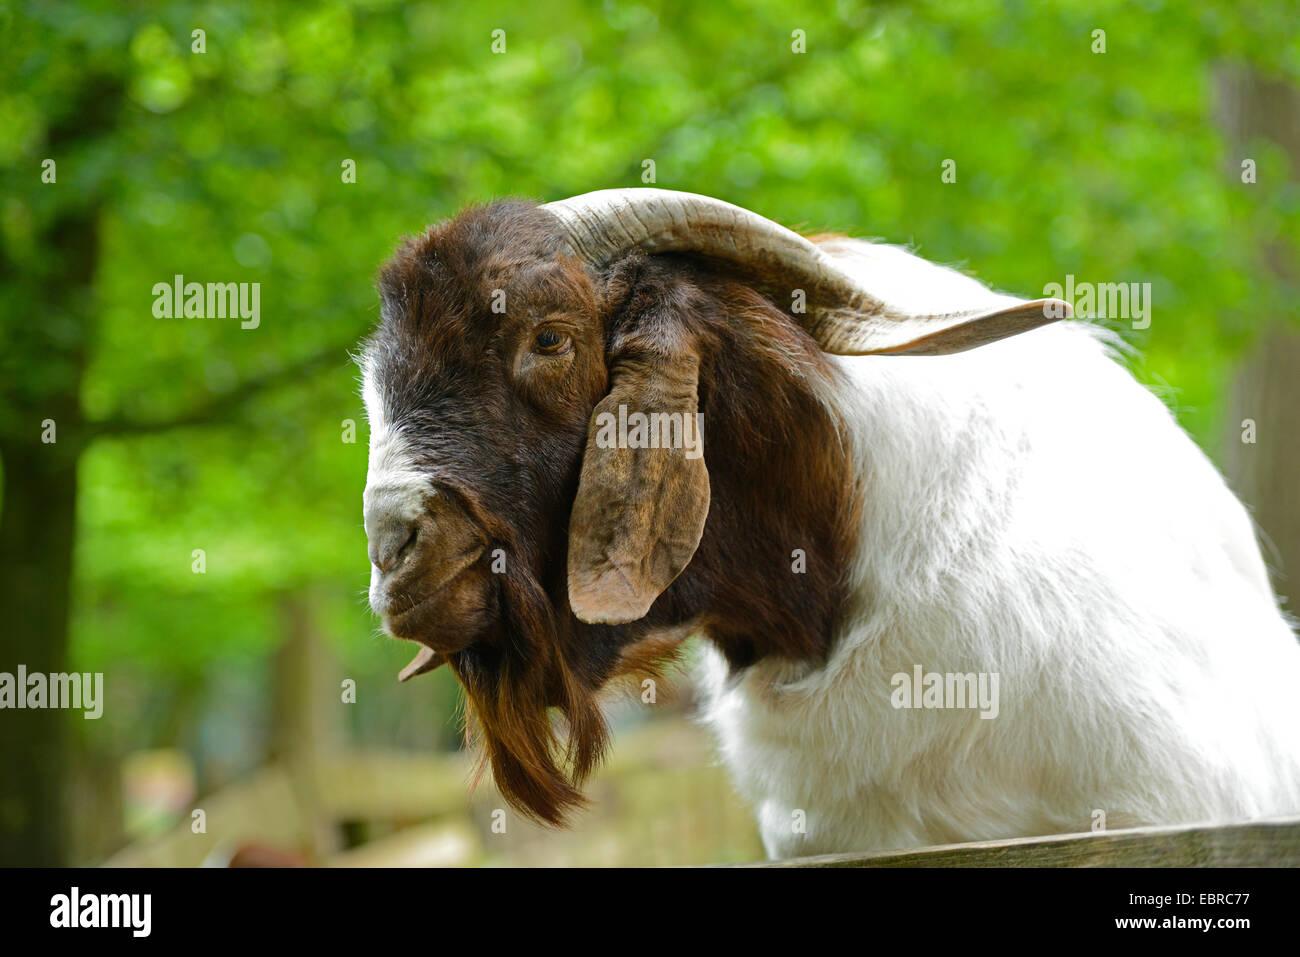 Boer goat (Capra hircus, Capra aegagrus f. hircus), portrait - Stock Image